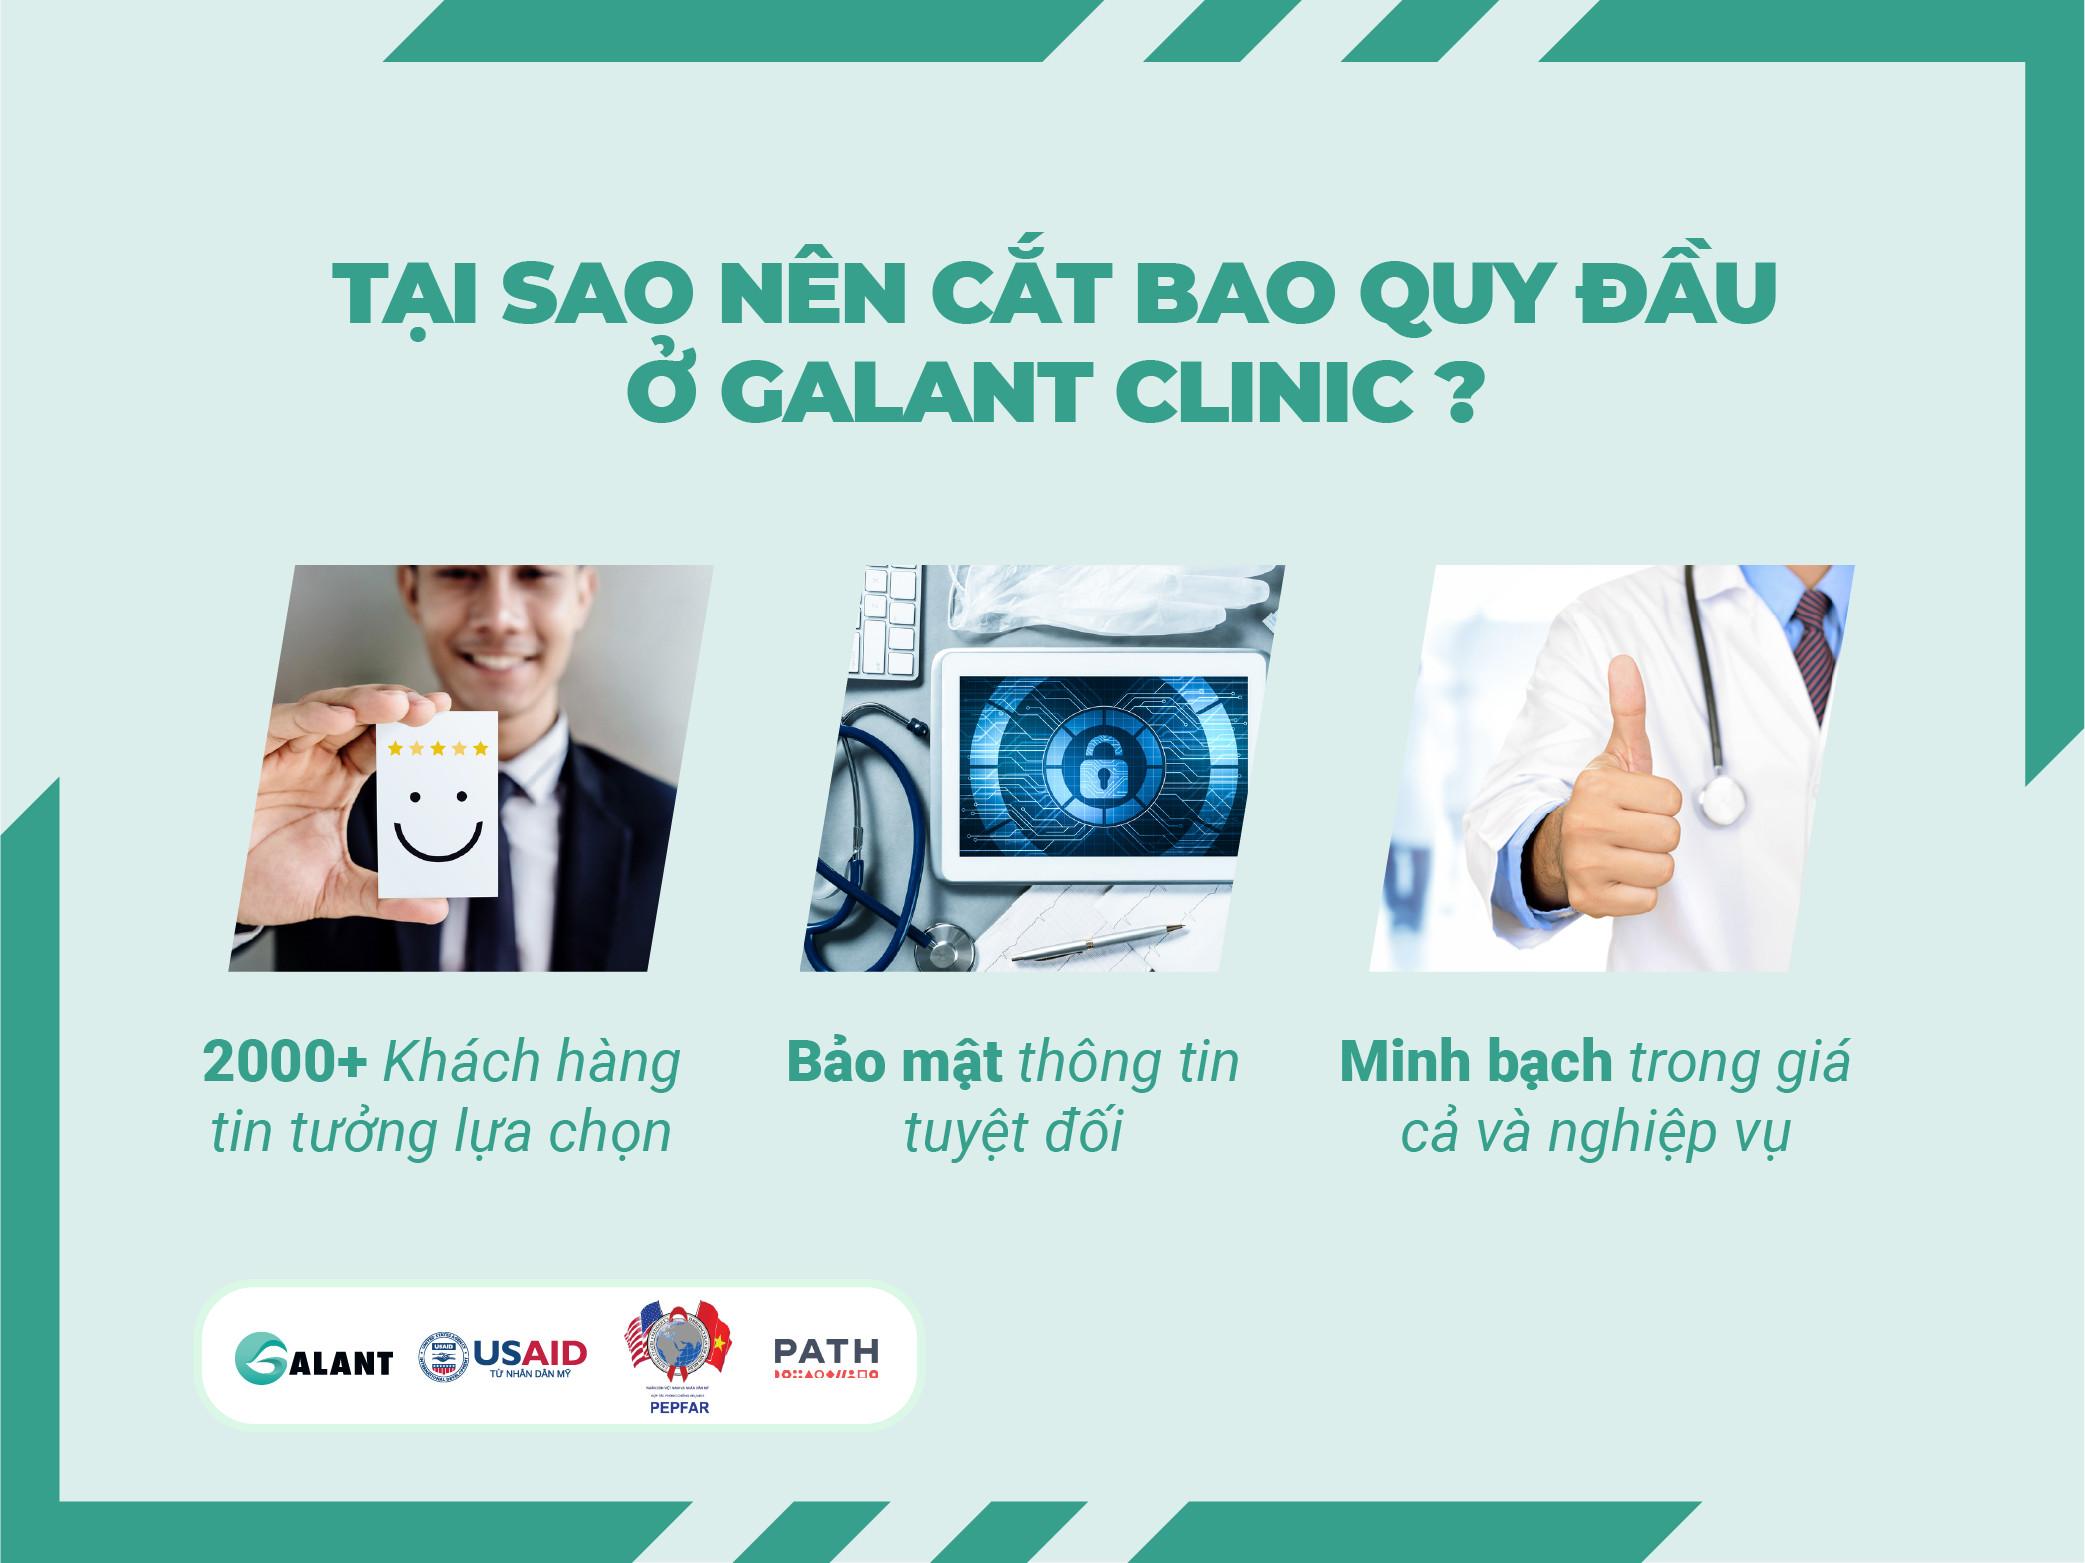 CẮT BAO QUY ĐẦU ĐẸP VÀ ÍT ĐAU - Galant Clinic - Phòng khám cộng đồng cho  người yếu thế tại Việt Nam